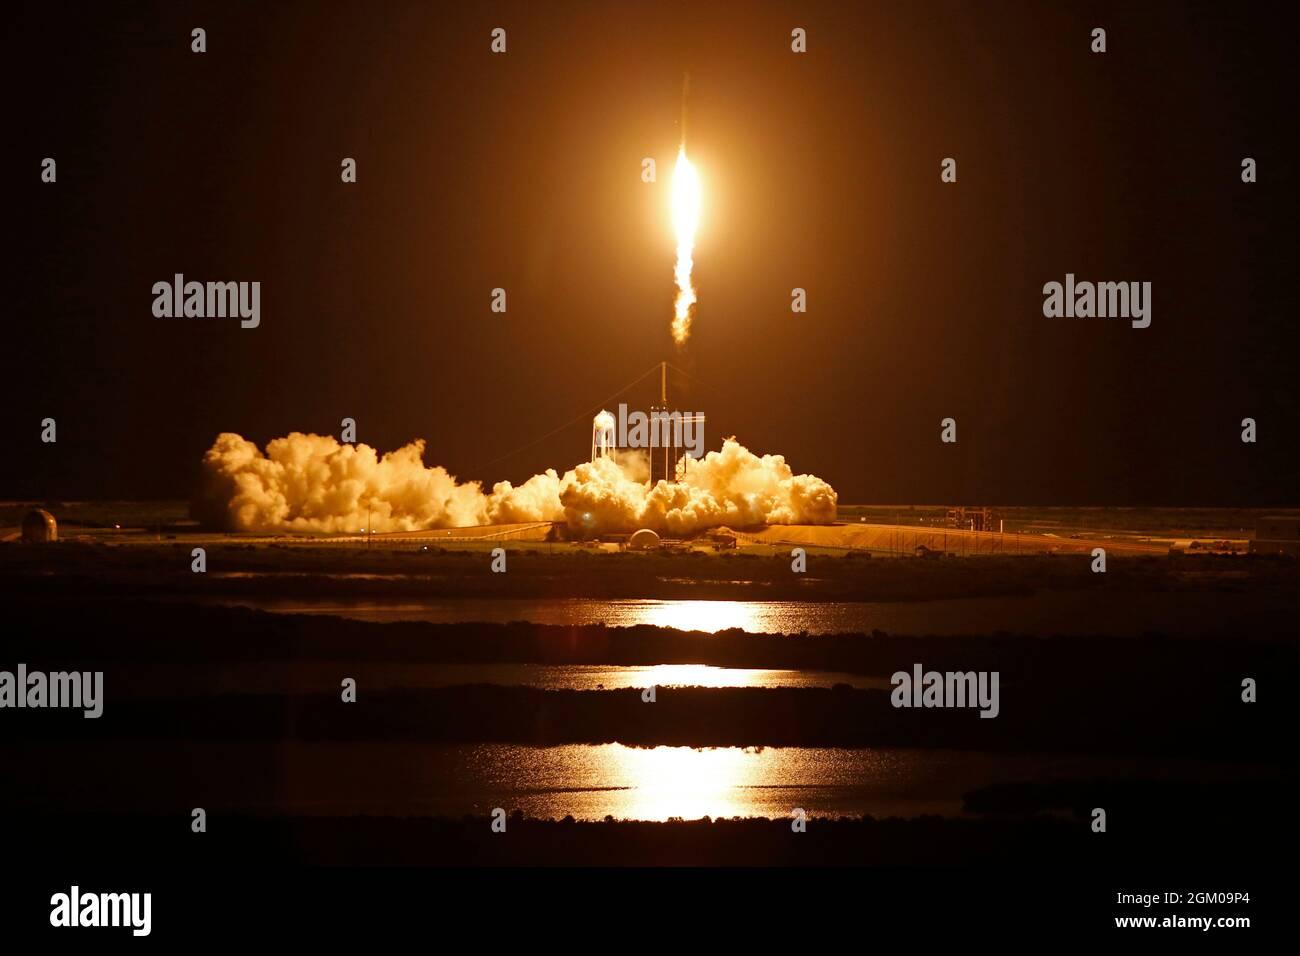 L'équipage civil inspiration 4 à bord d'une capsule Crew Dragon et d'une fusée SpaceX Falcon 9 sort du Pad 39A au Kennedy Space Center à Cape Canaveral, Floride, le 15 septembre 2021. REUTERS/Joe Skipper Banque D'Images